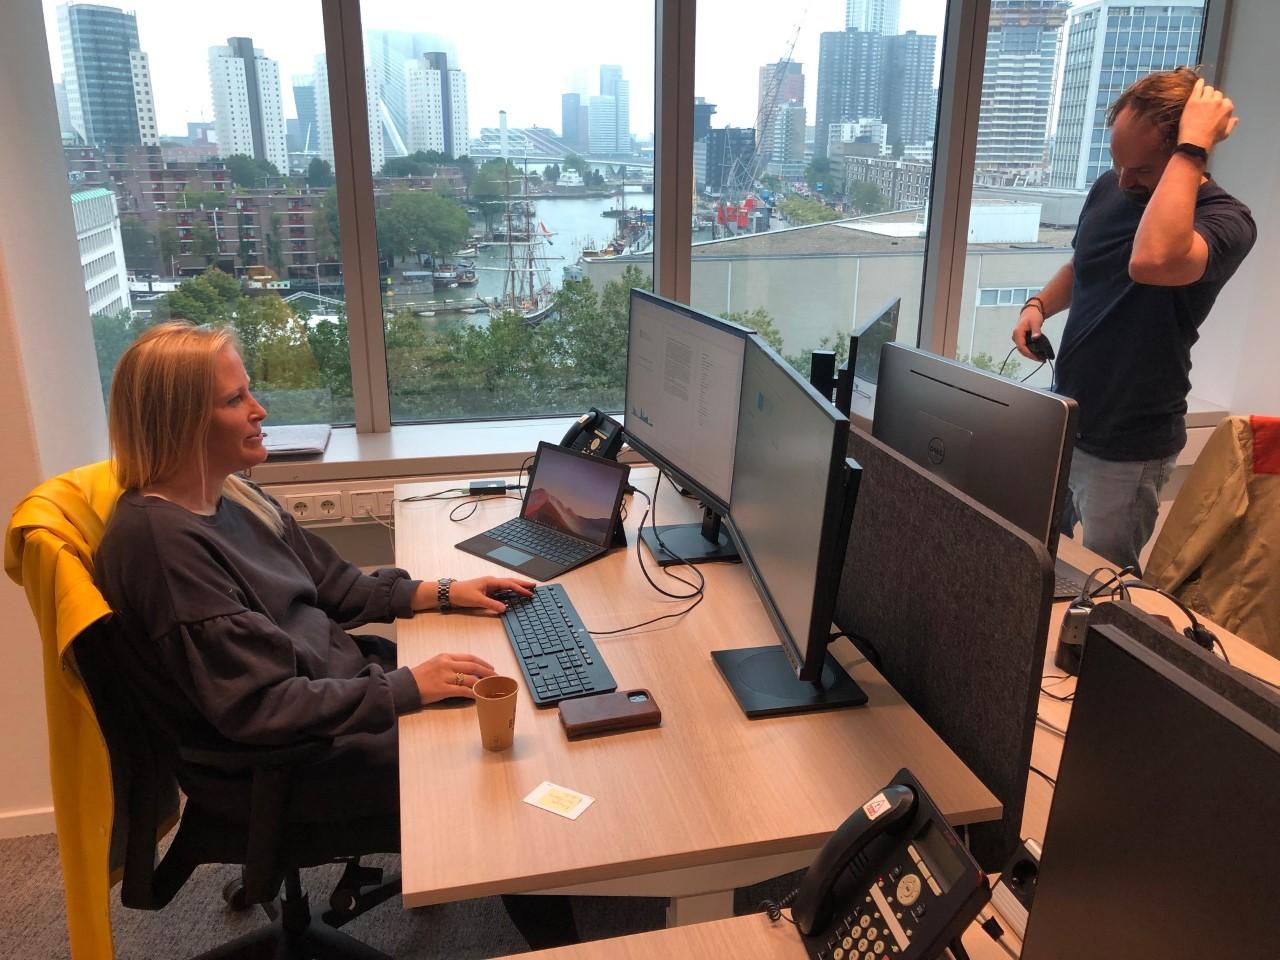 Freek tegen Renske: 'Je laptop aansluiten op je beeldscherm, hoe doe je dat?'